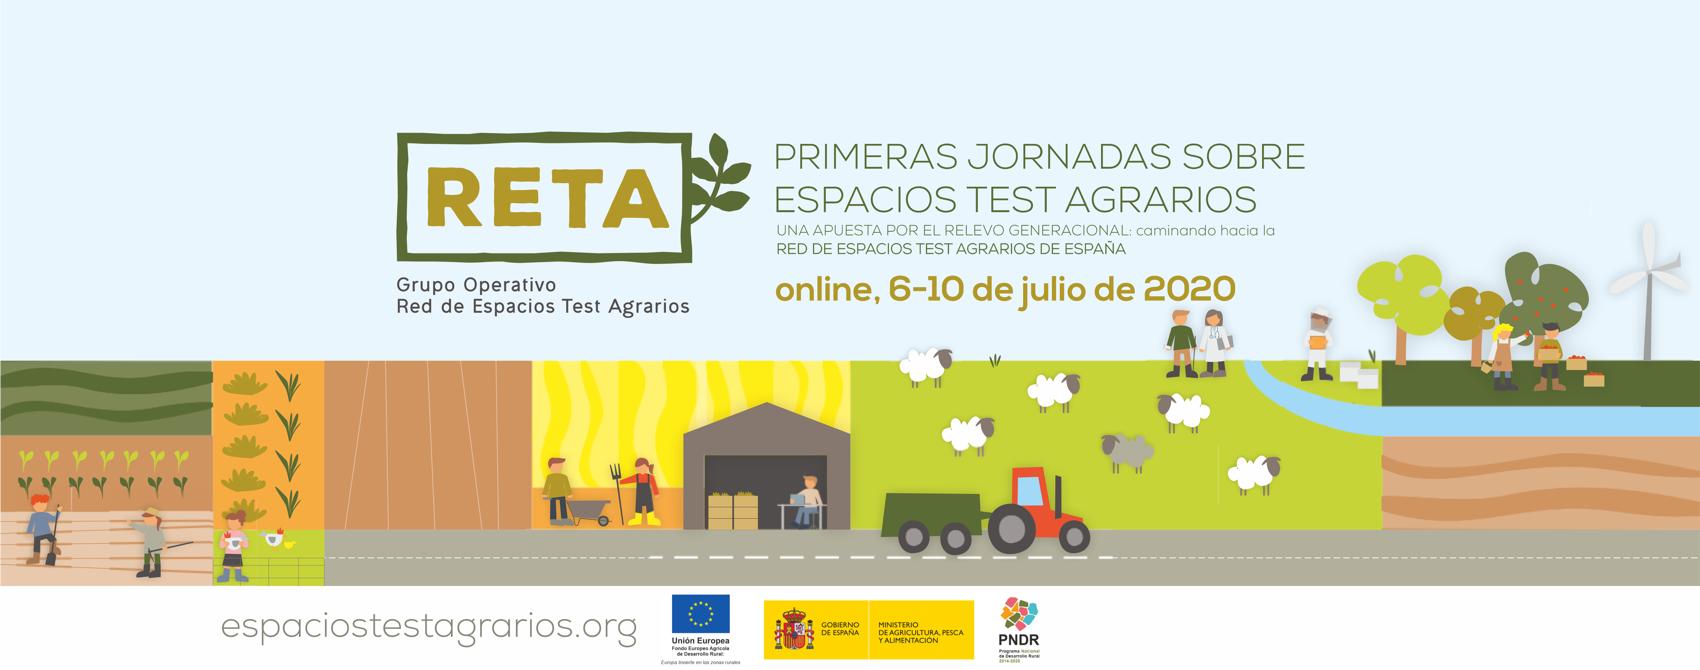 Jornadas espacios test agrarios